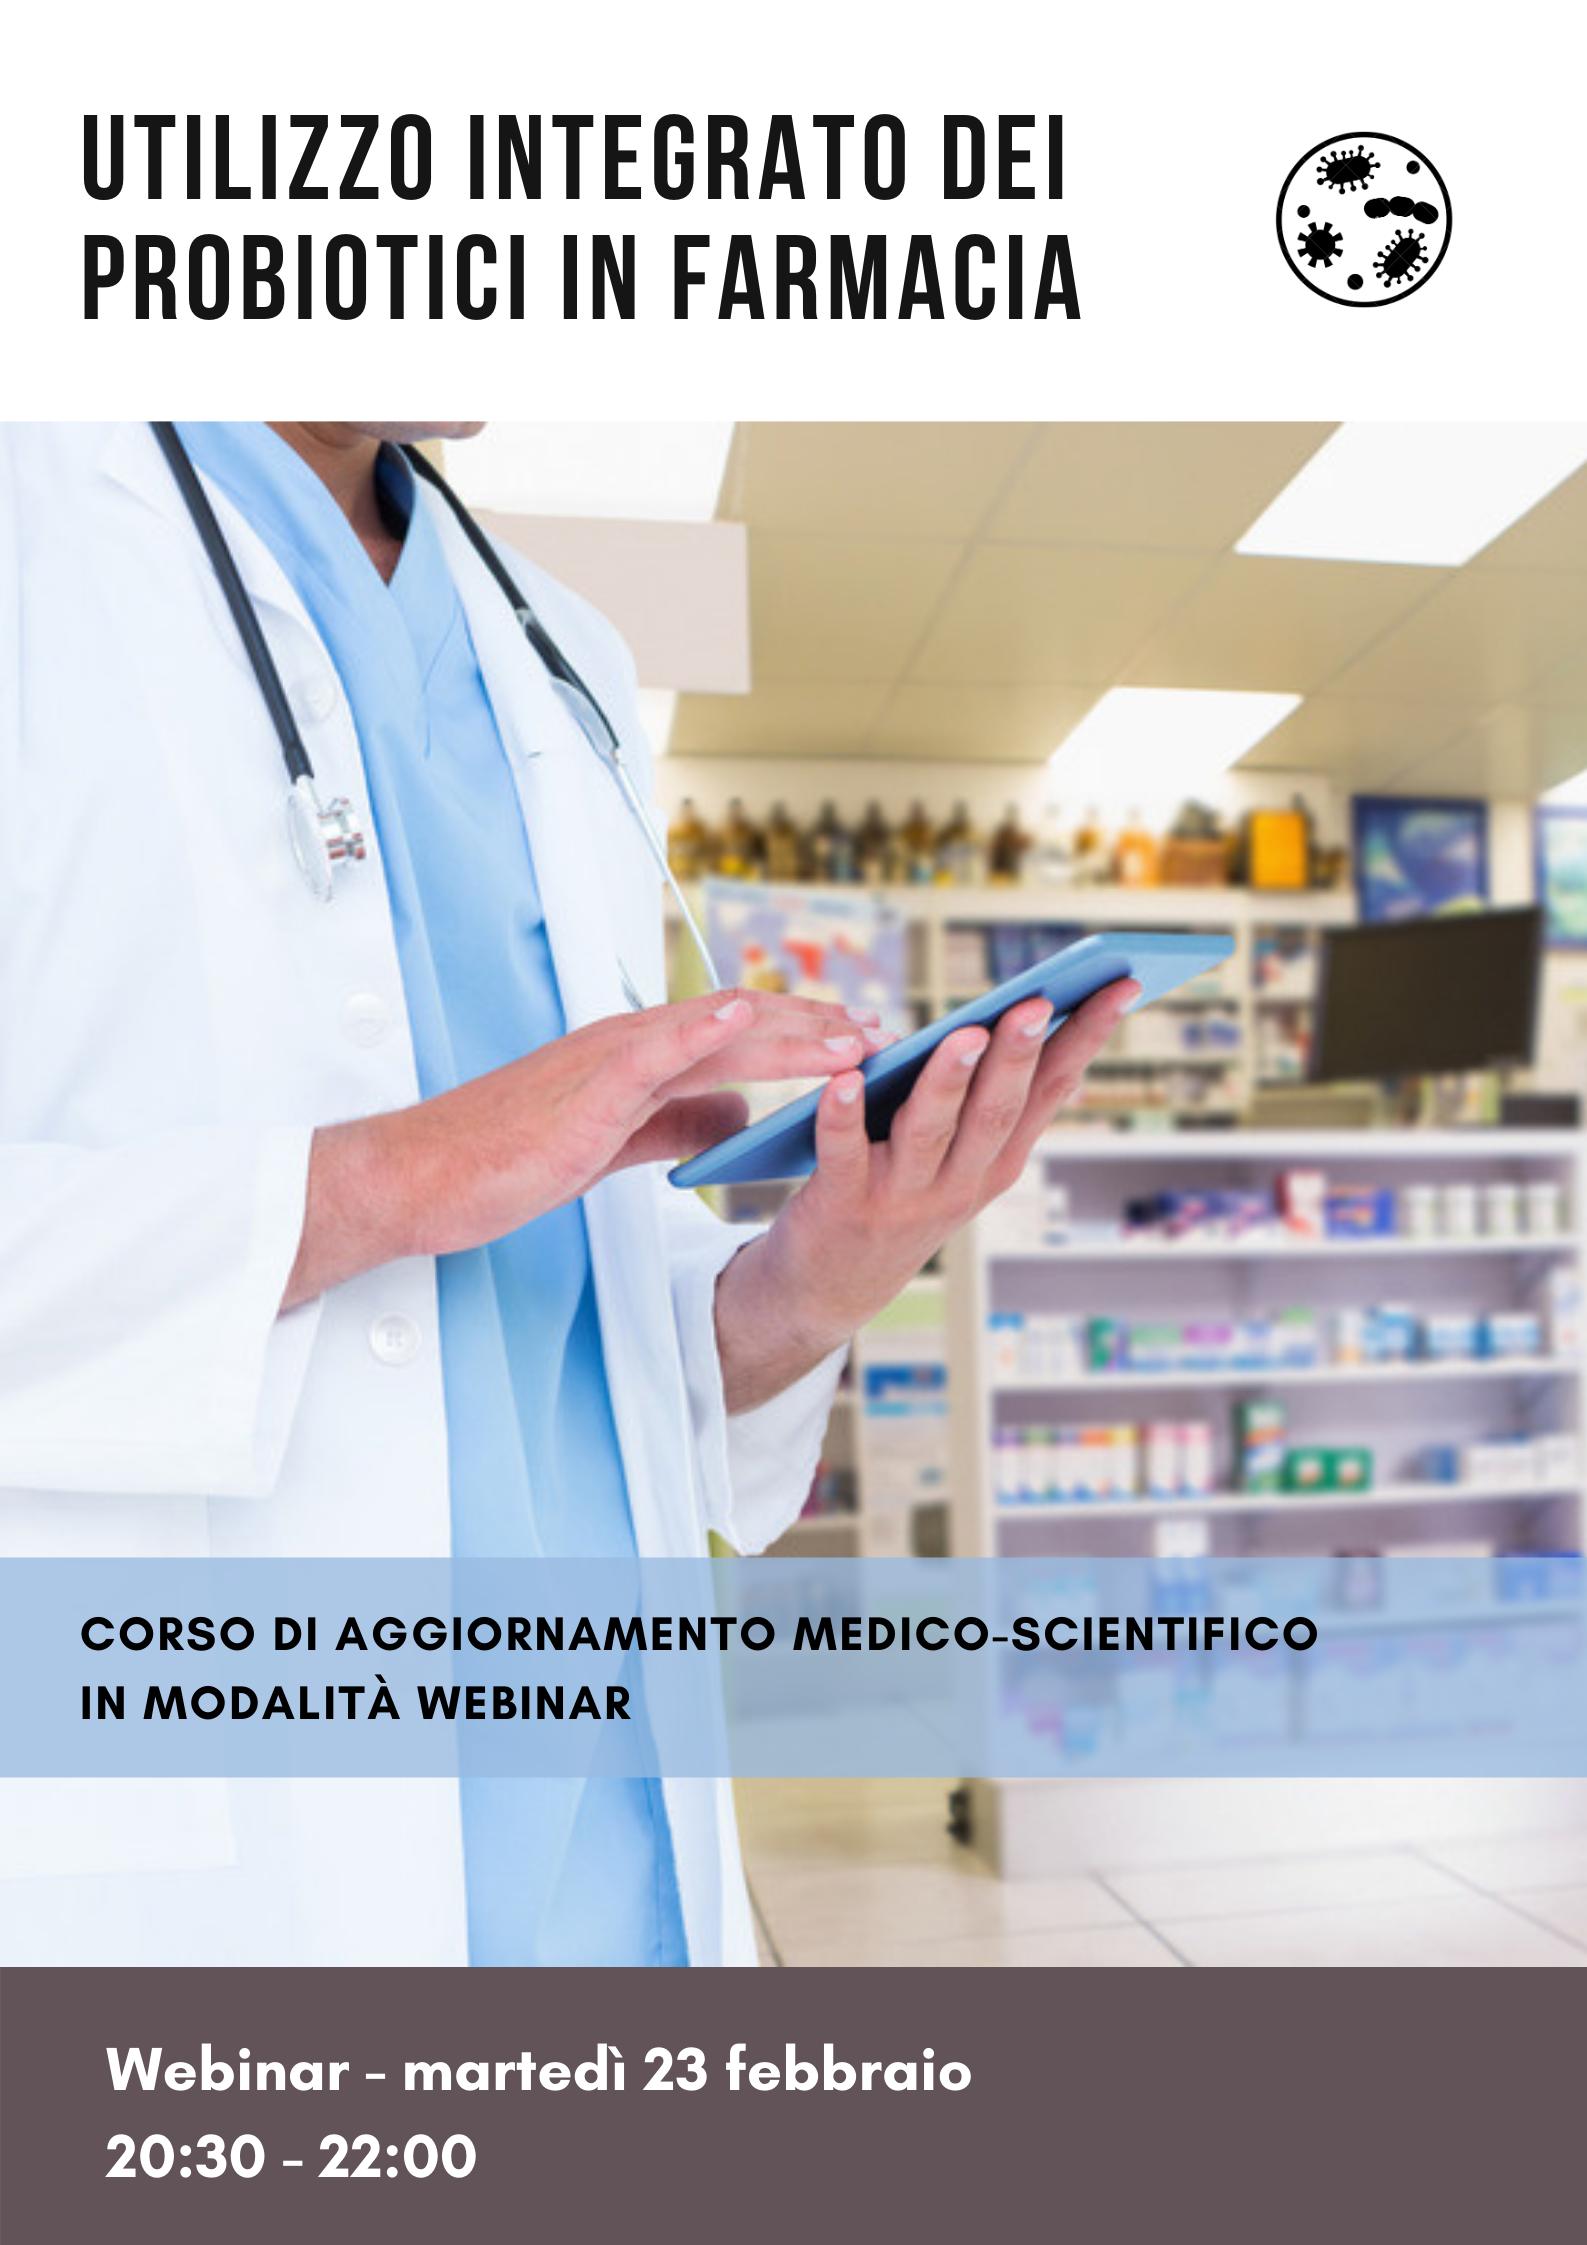 Utilizzo integrato dei probiotici in farmacia 2